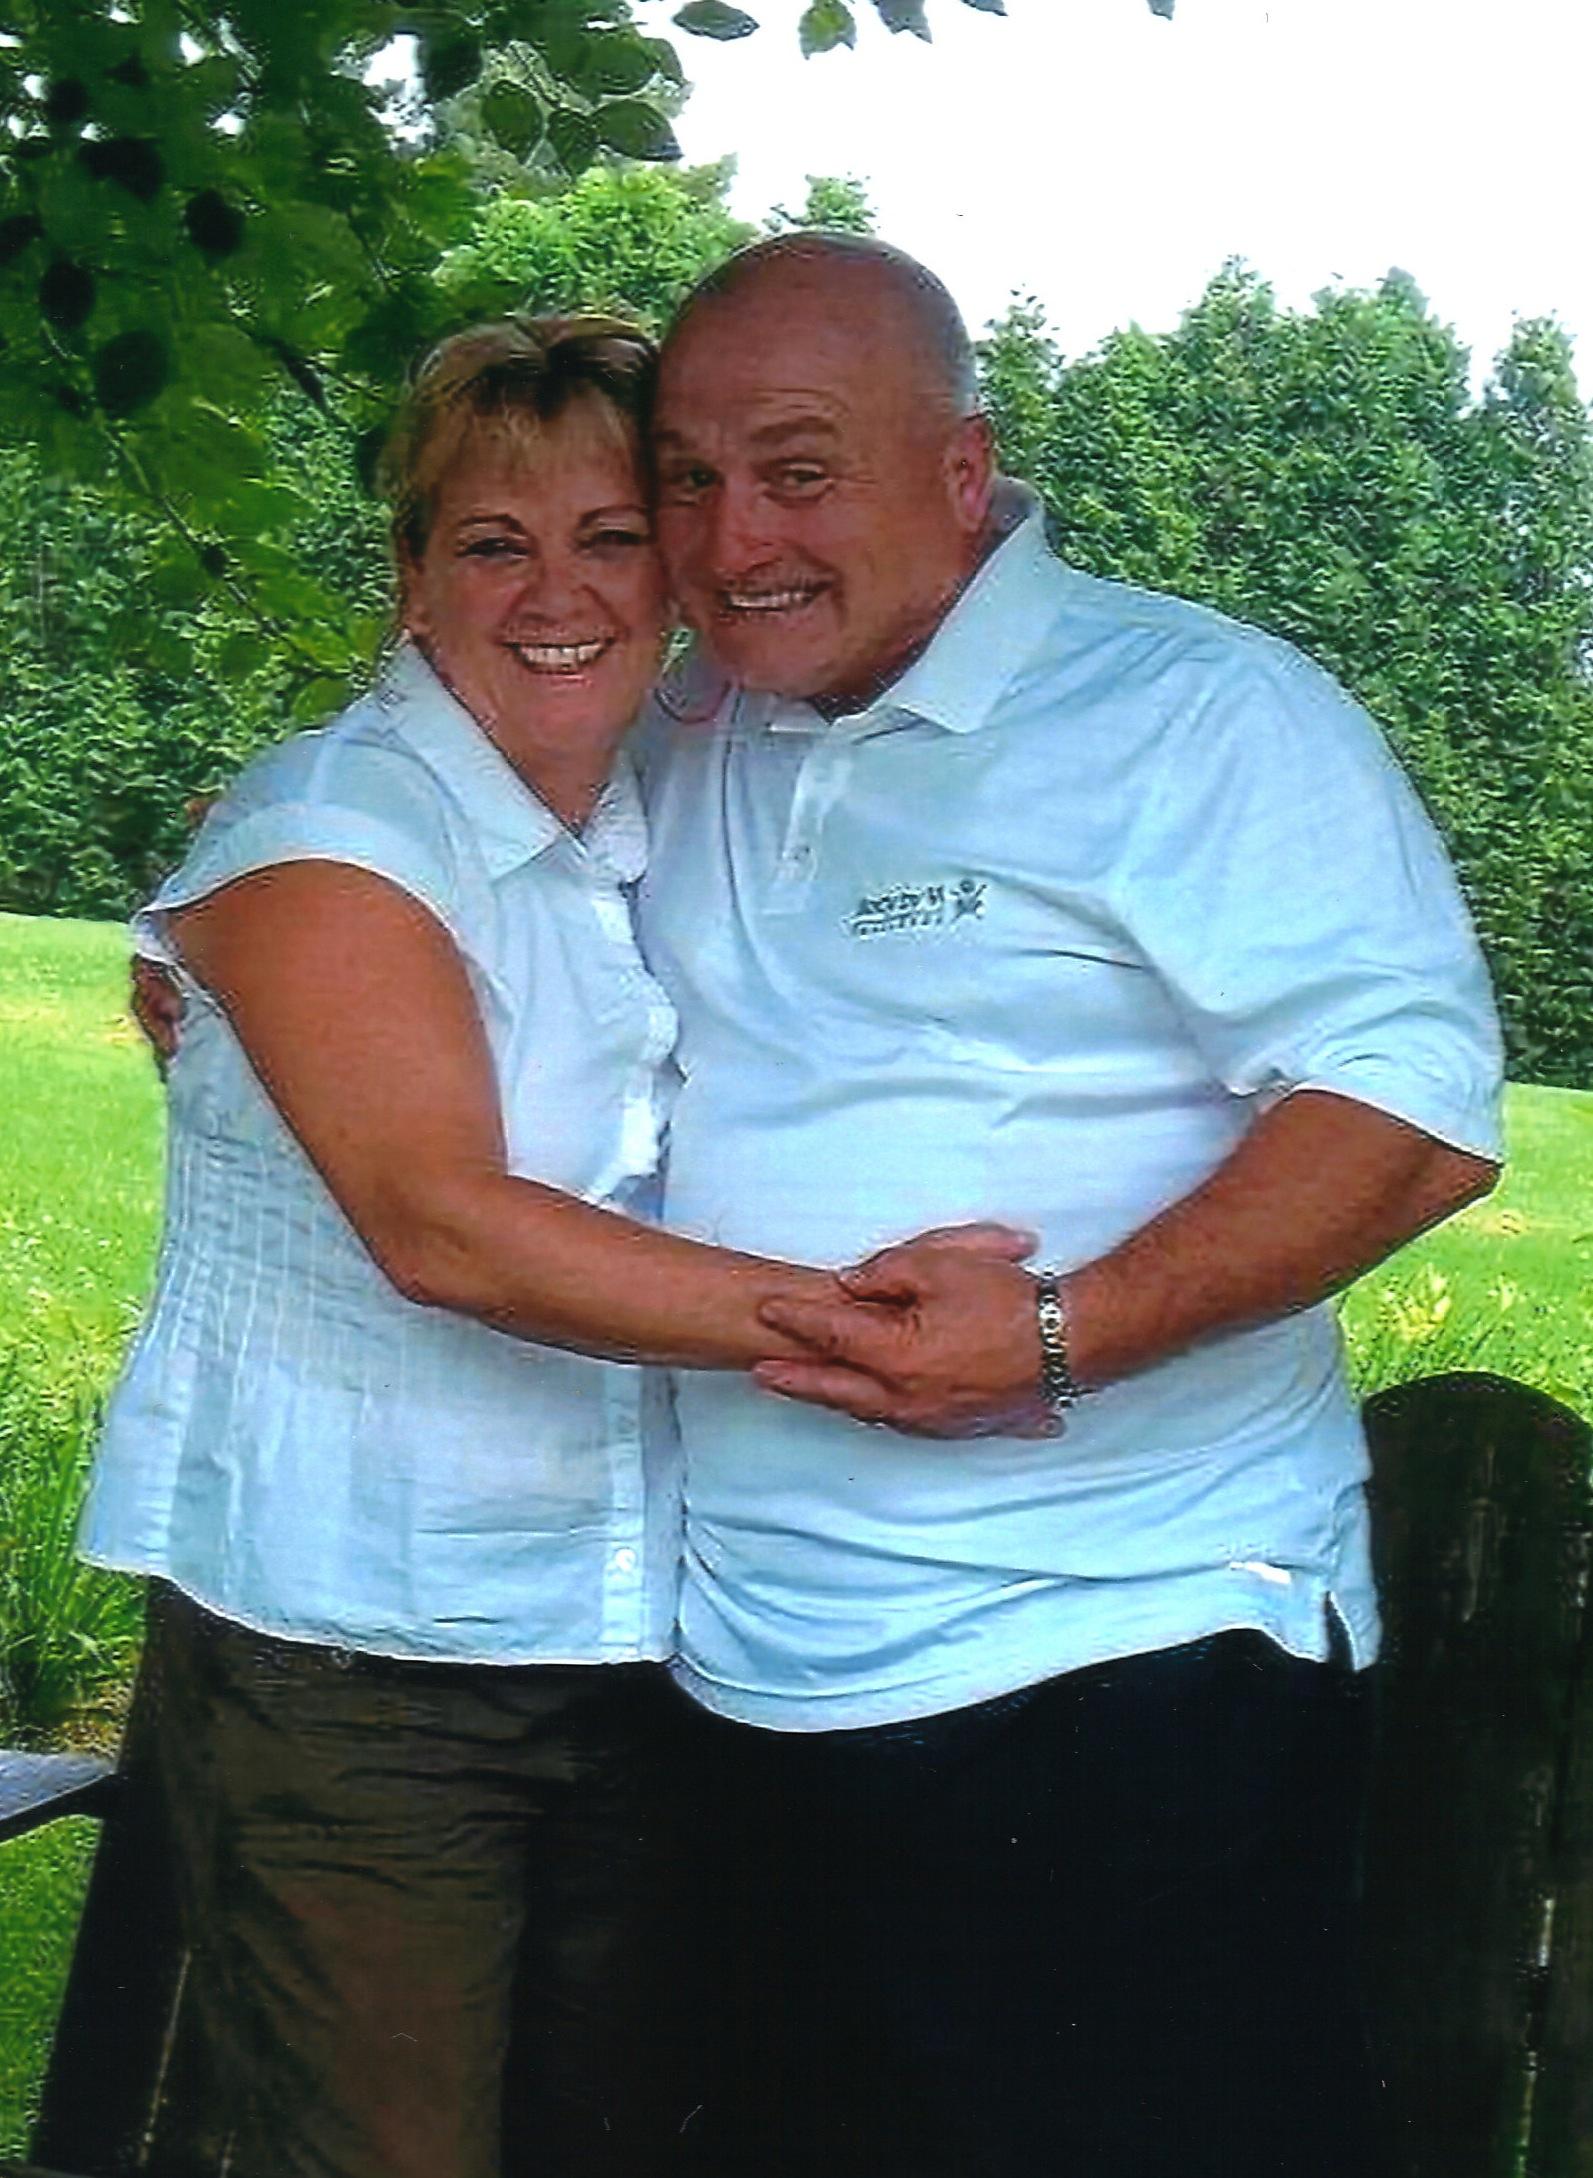 04 Phyllis and Joe Recent